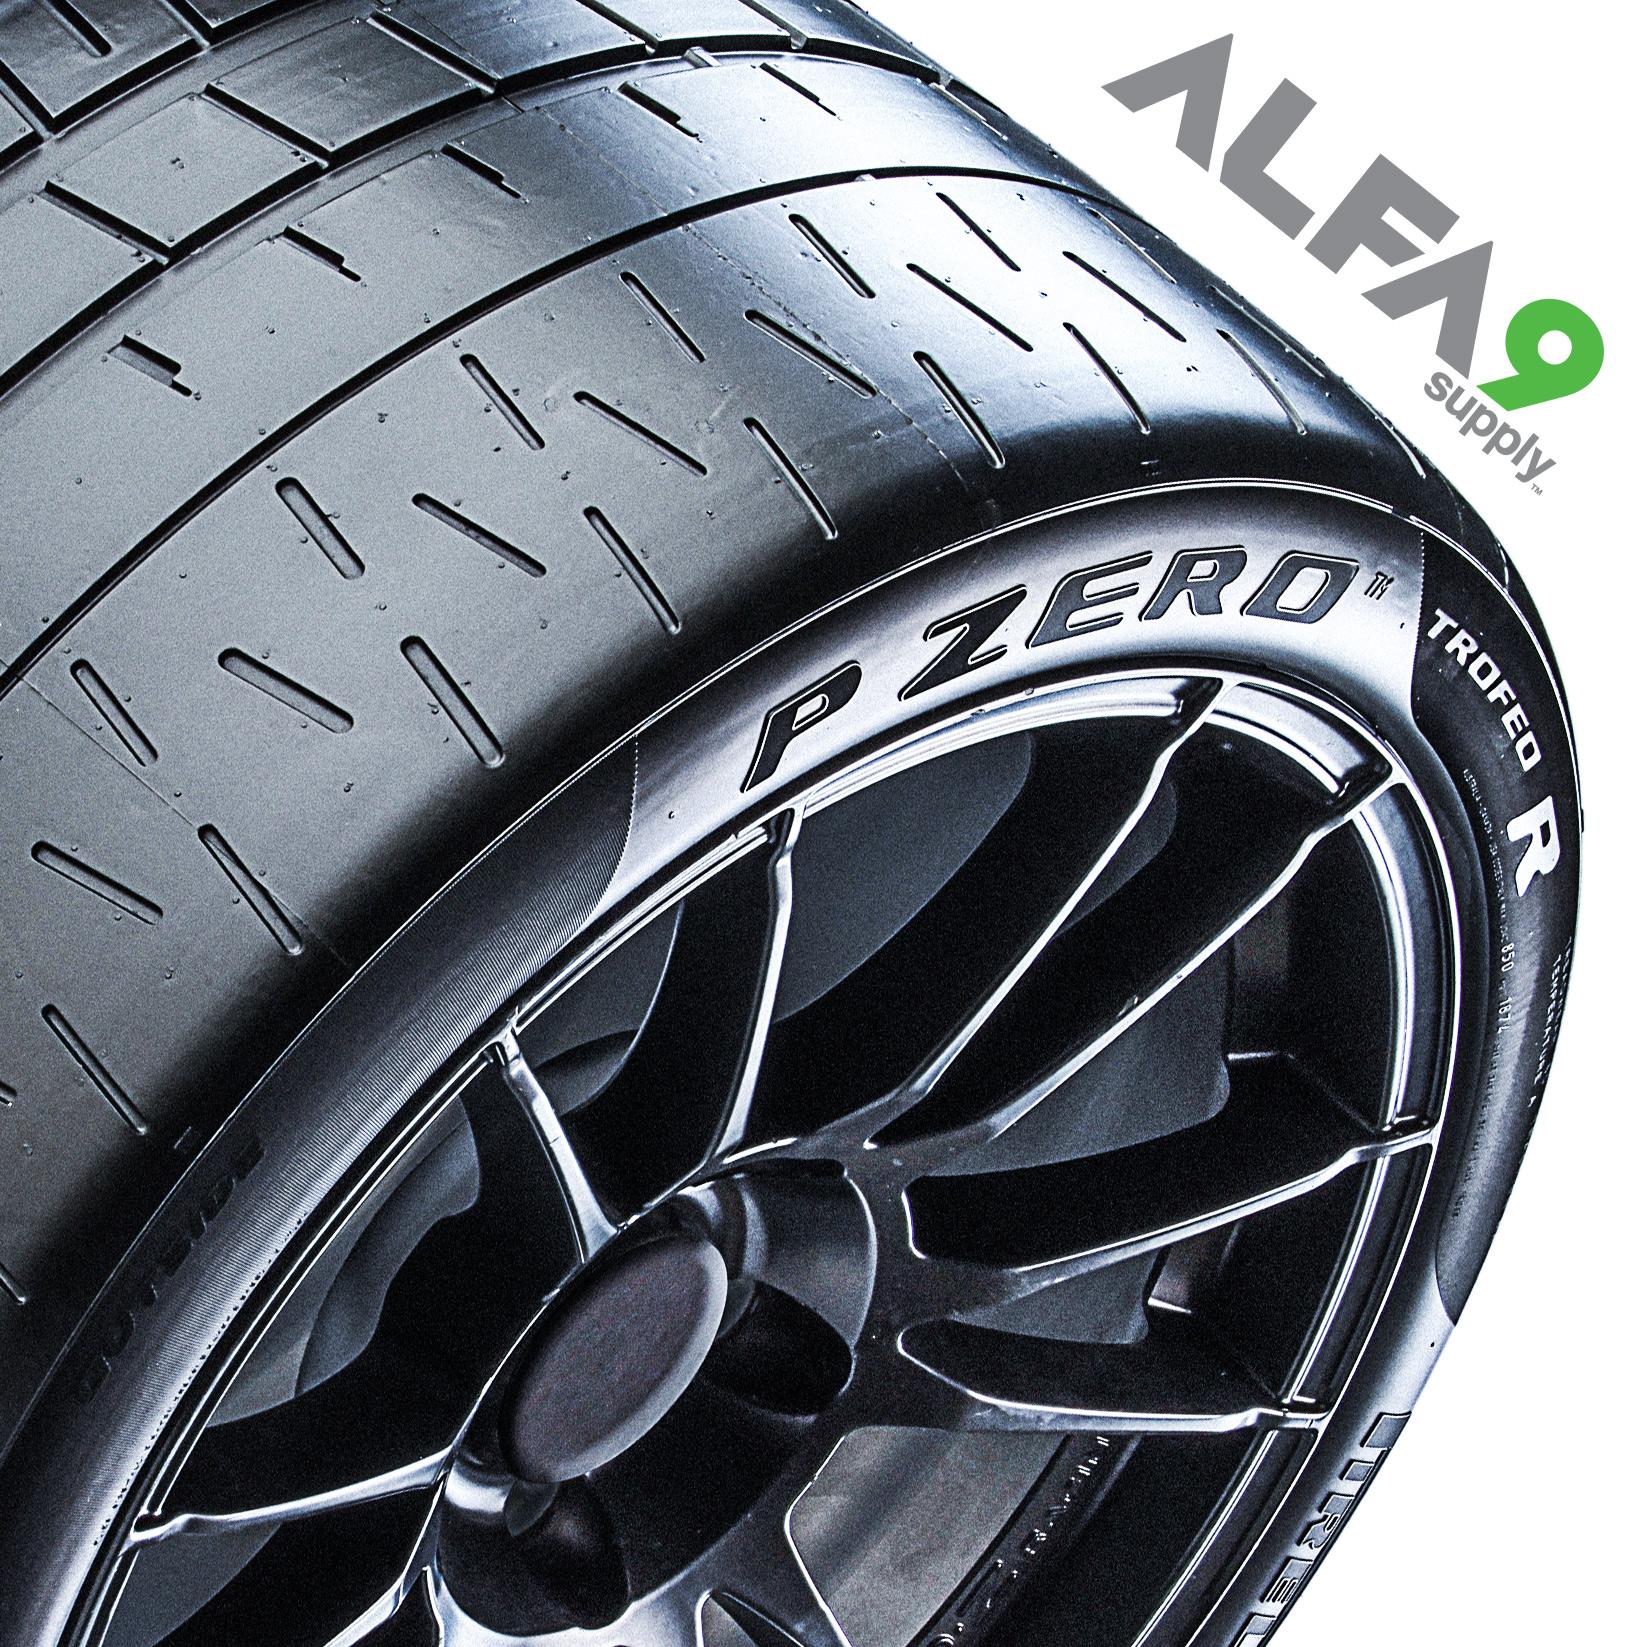 4C tires